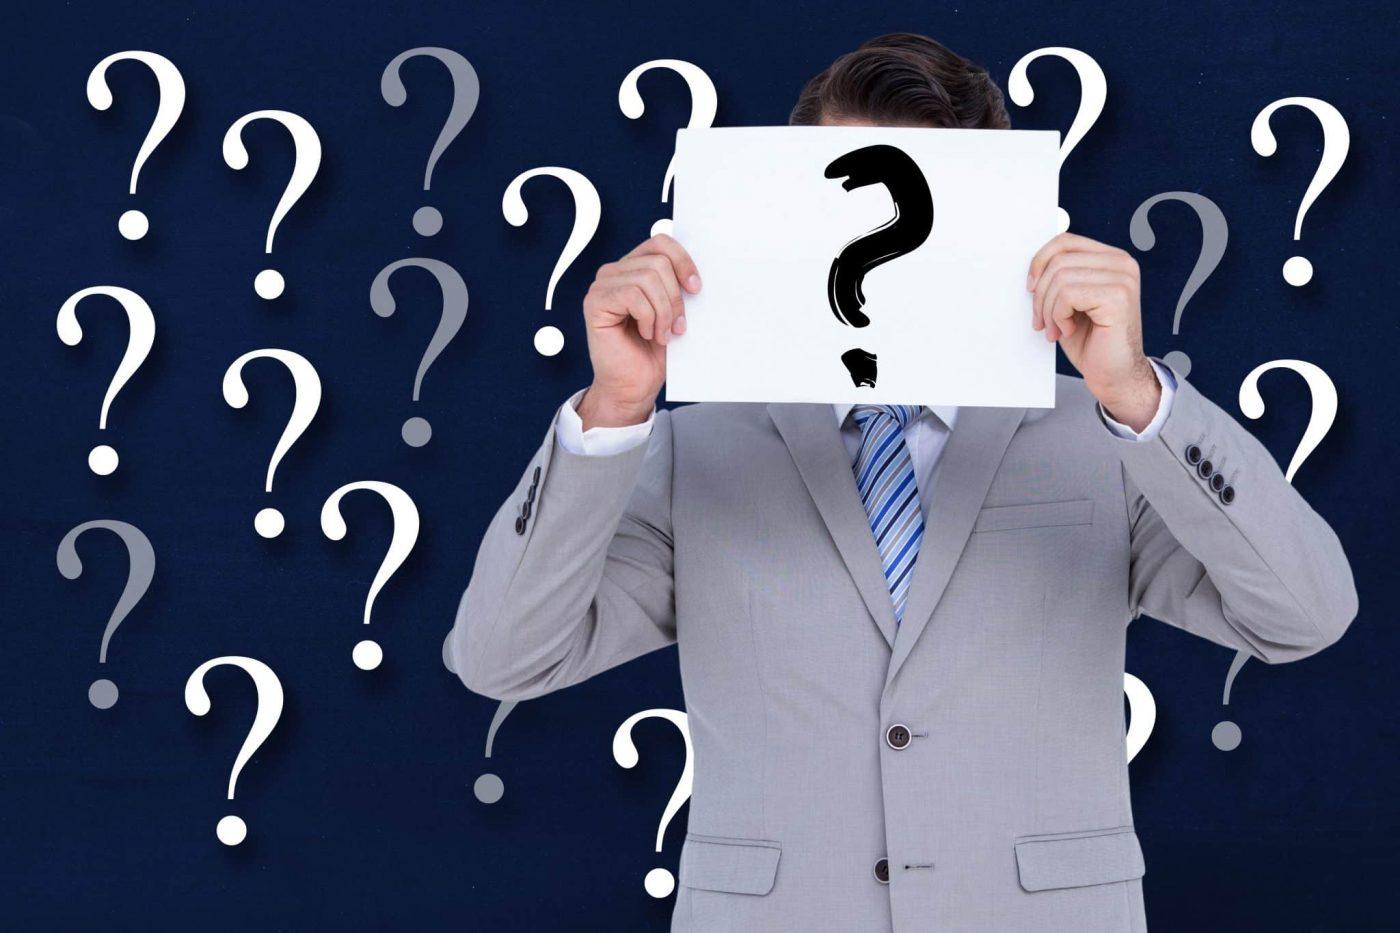 האם חסכון בקופת גמל להשקעה עדיף על החסכון בבנק ?